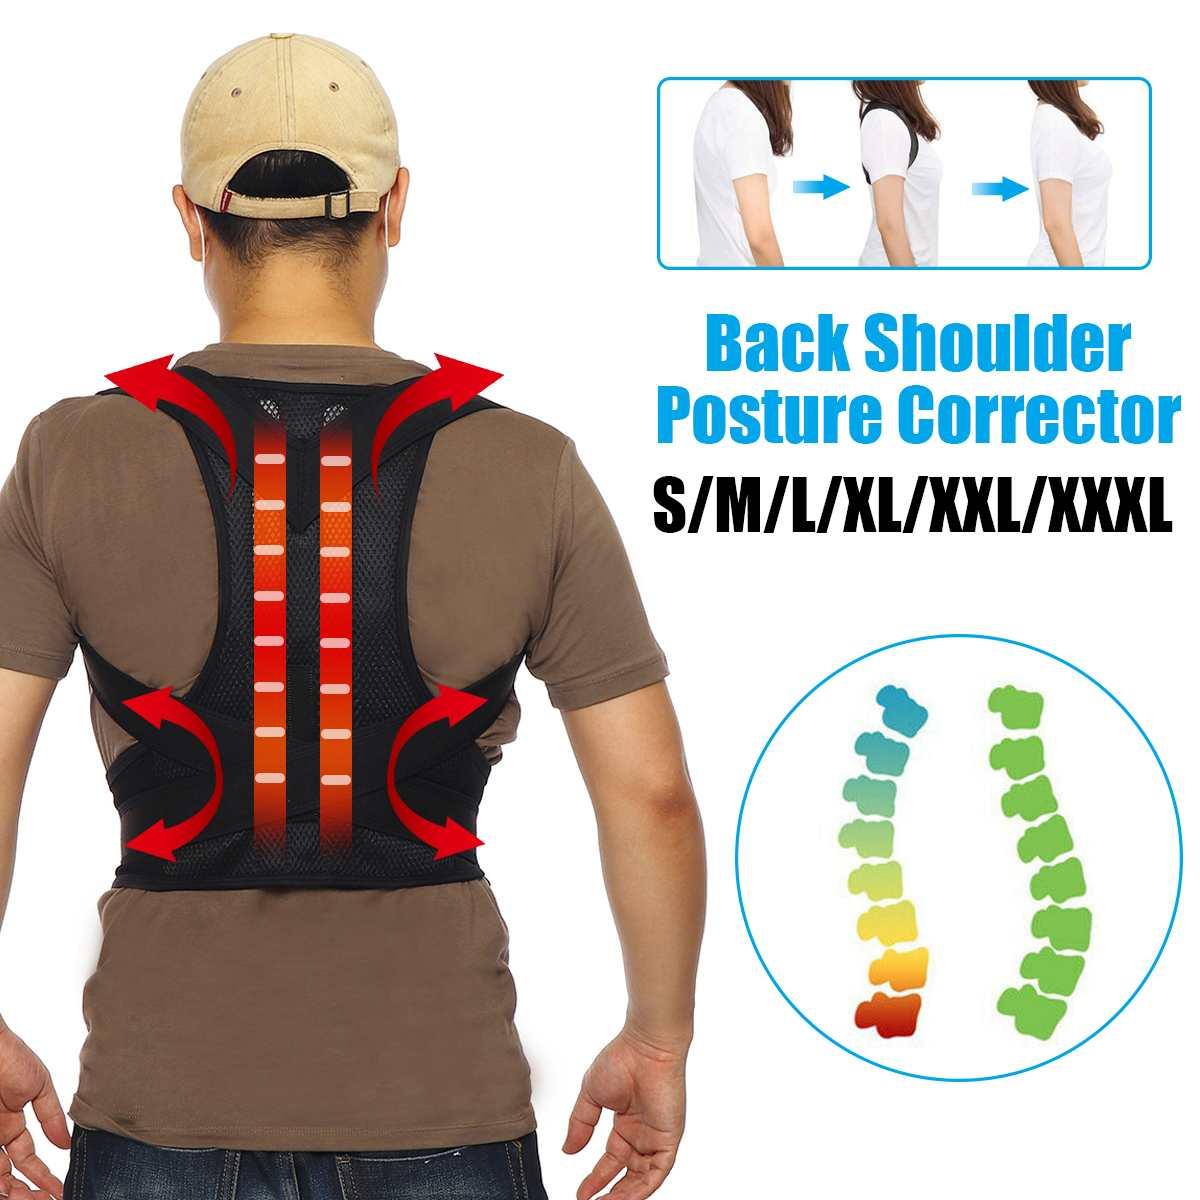 Corrector de postura de espalda ajustable clavícula columna vertebral hombro apoyo Lumbar cinturón corrección de postura houlder Lumbar Brace